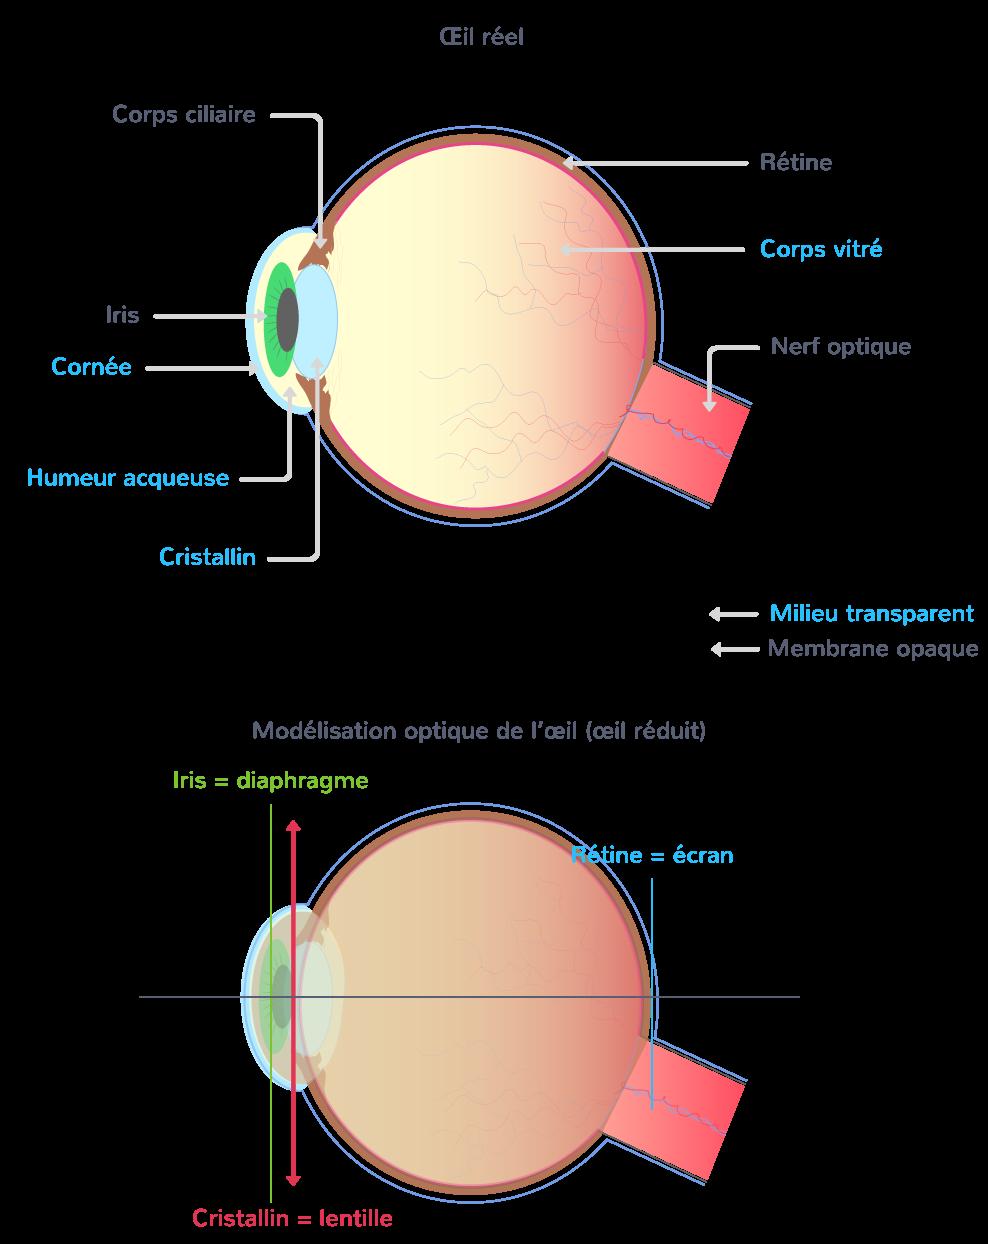 modélisation œil éléments optiques vision